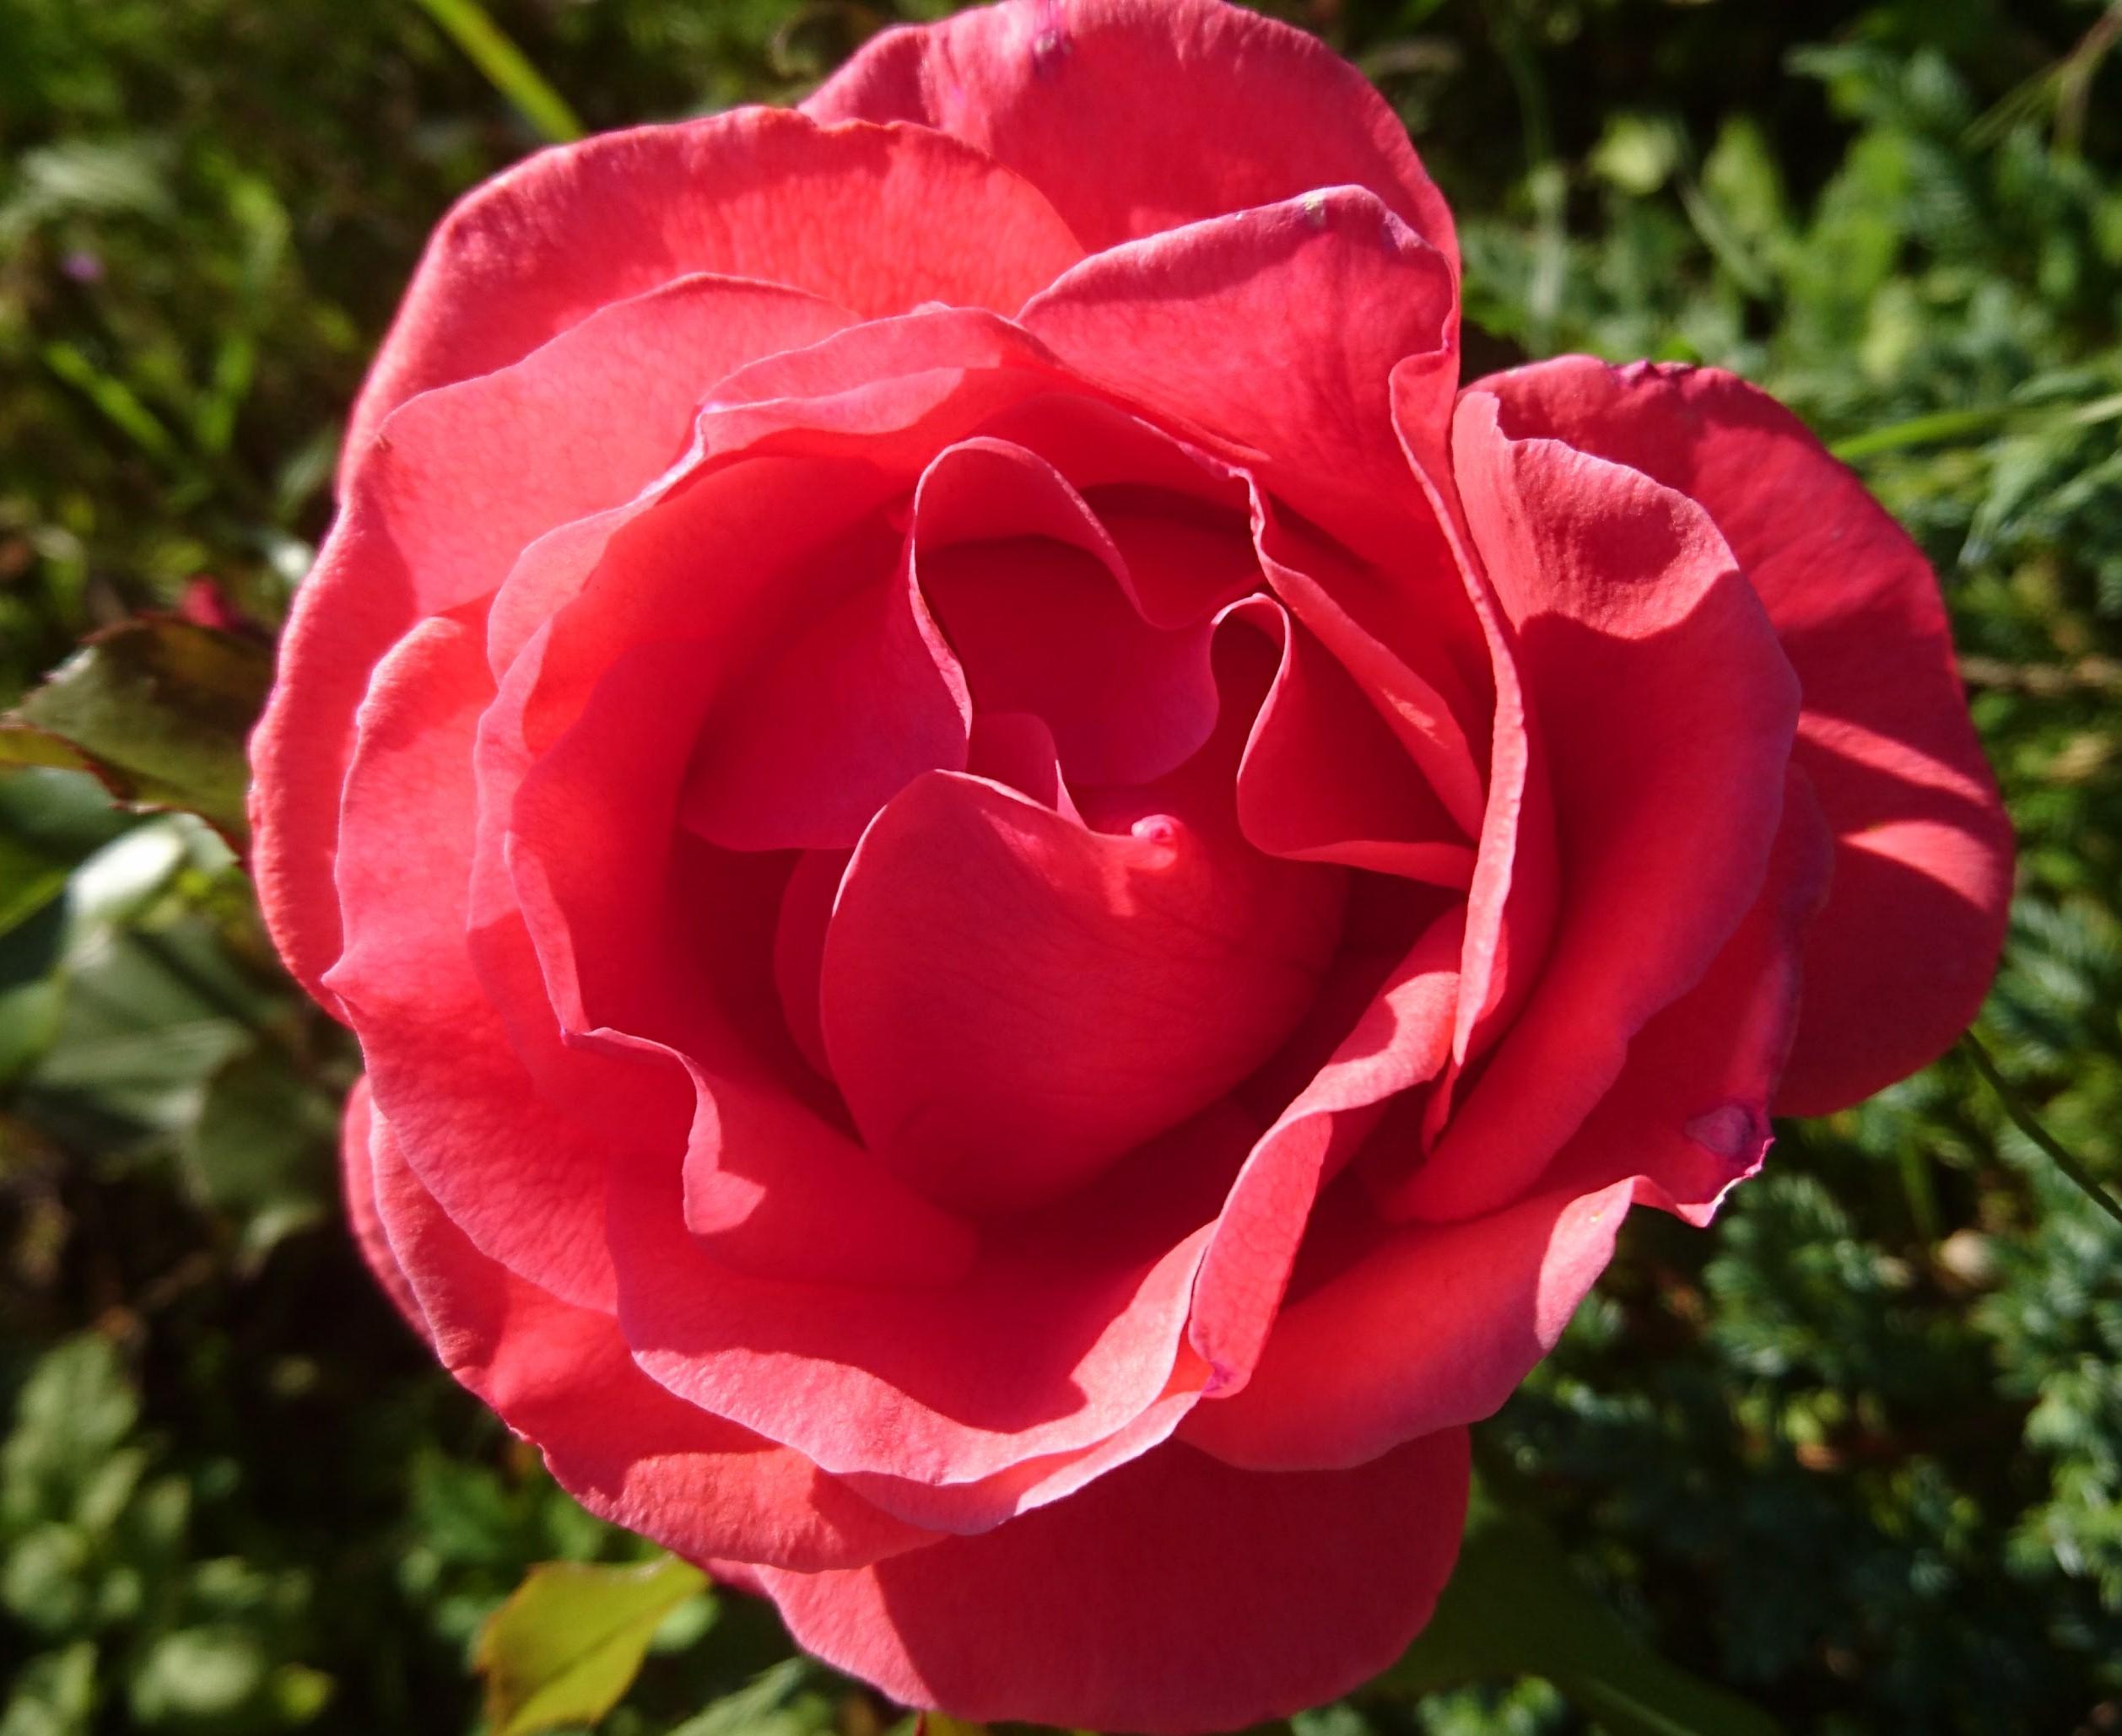 Bilde av en rose. Illustrasjon til diktet Heidenröslein, av Johann W. von Goethe.